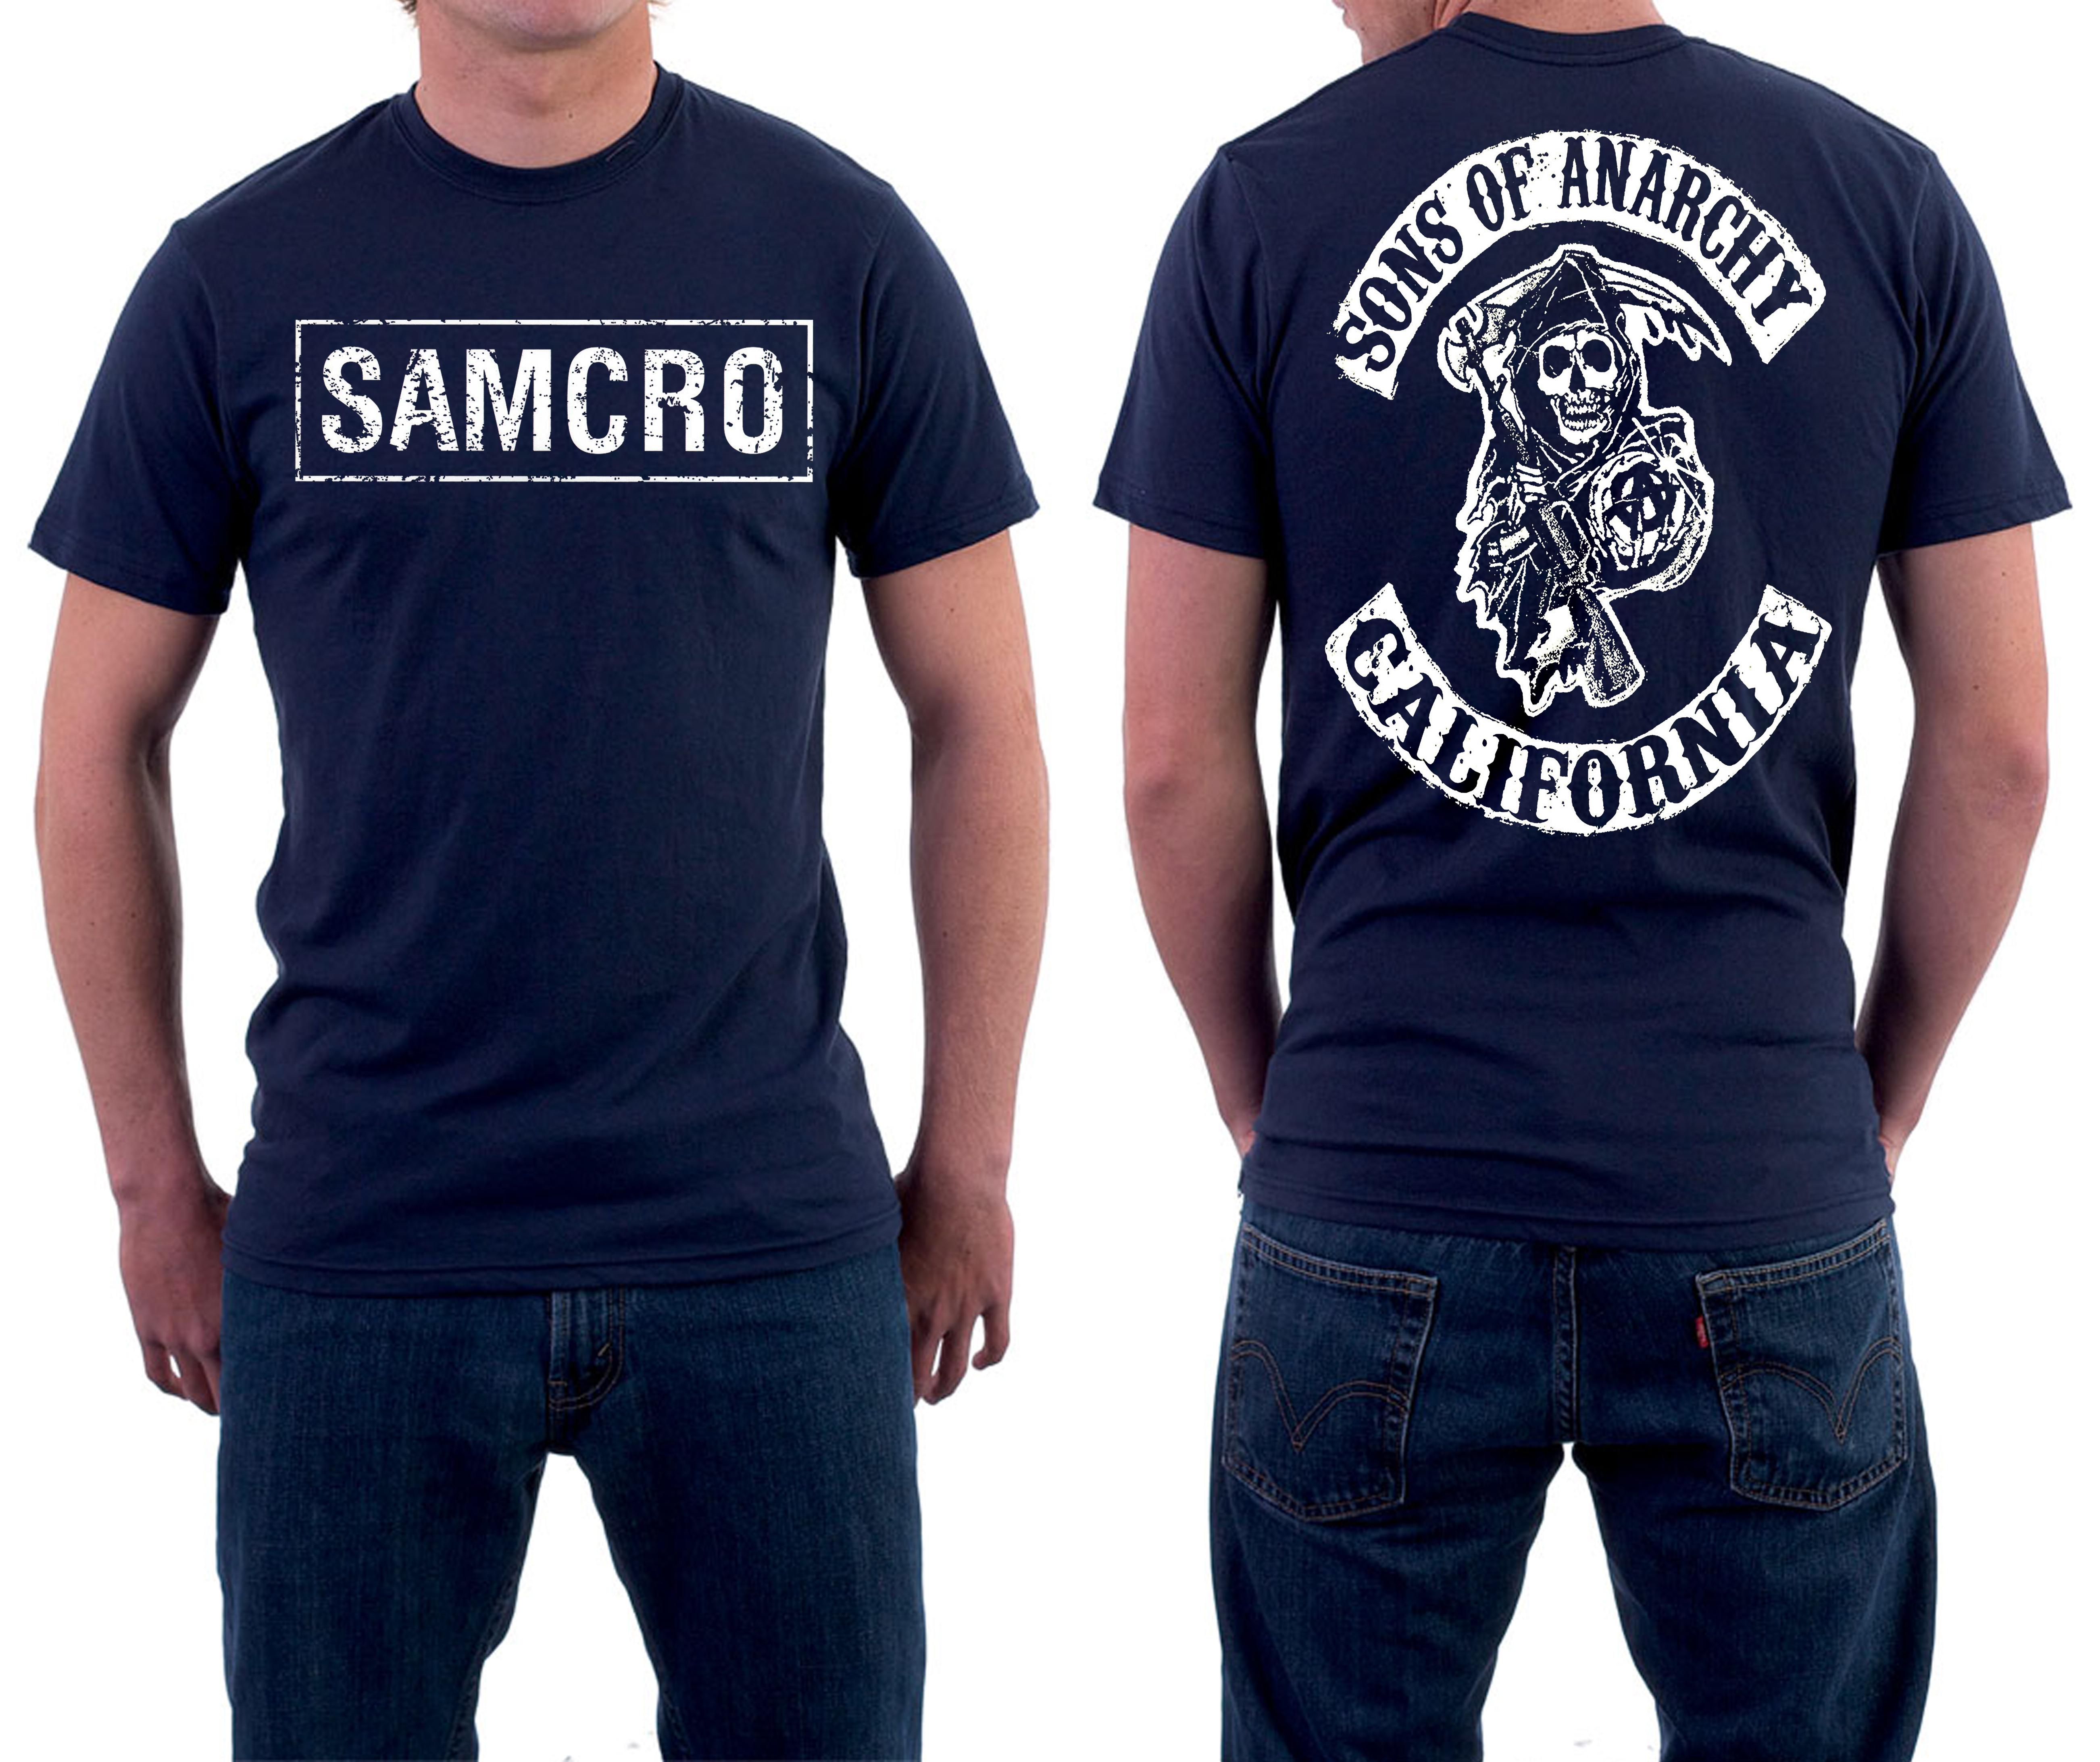 185013ac11a1e Camiseta Filhos da Anarquia Samcro Sons Série Motoclub no Elo7 | MMB  ModaStore (A985D6)